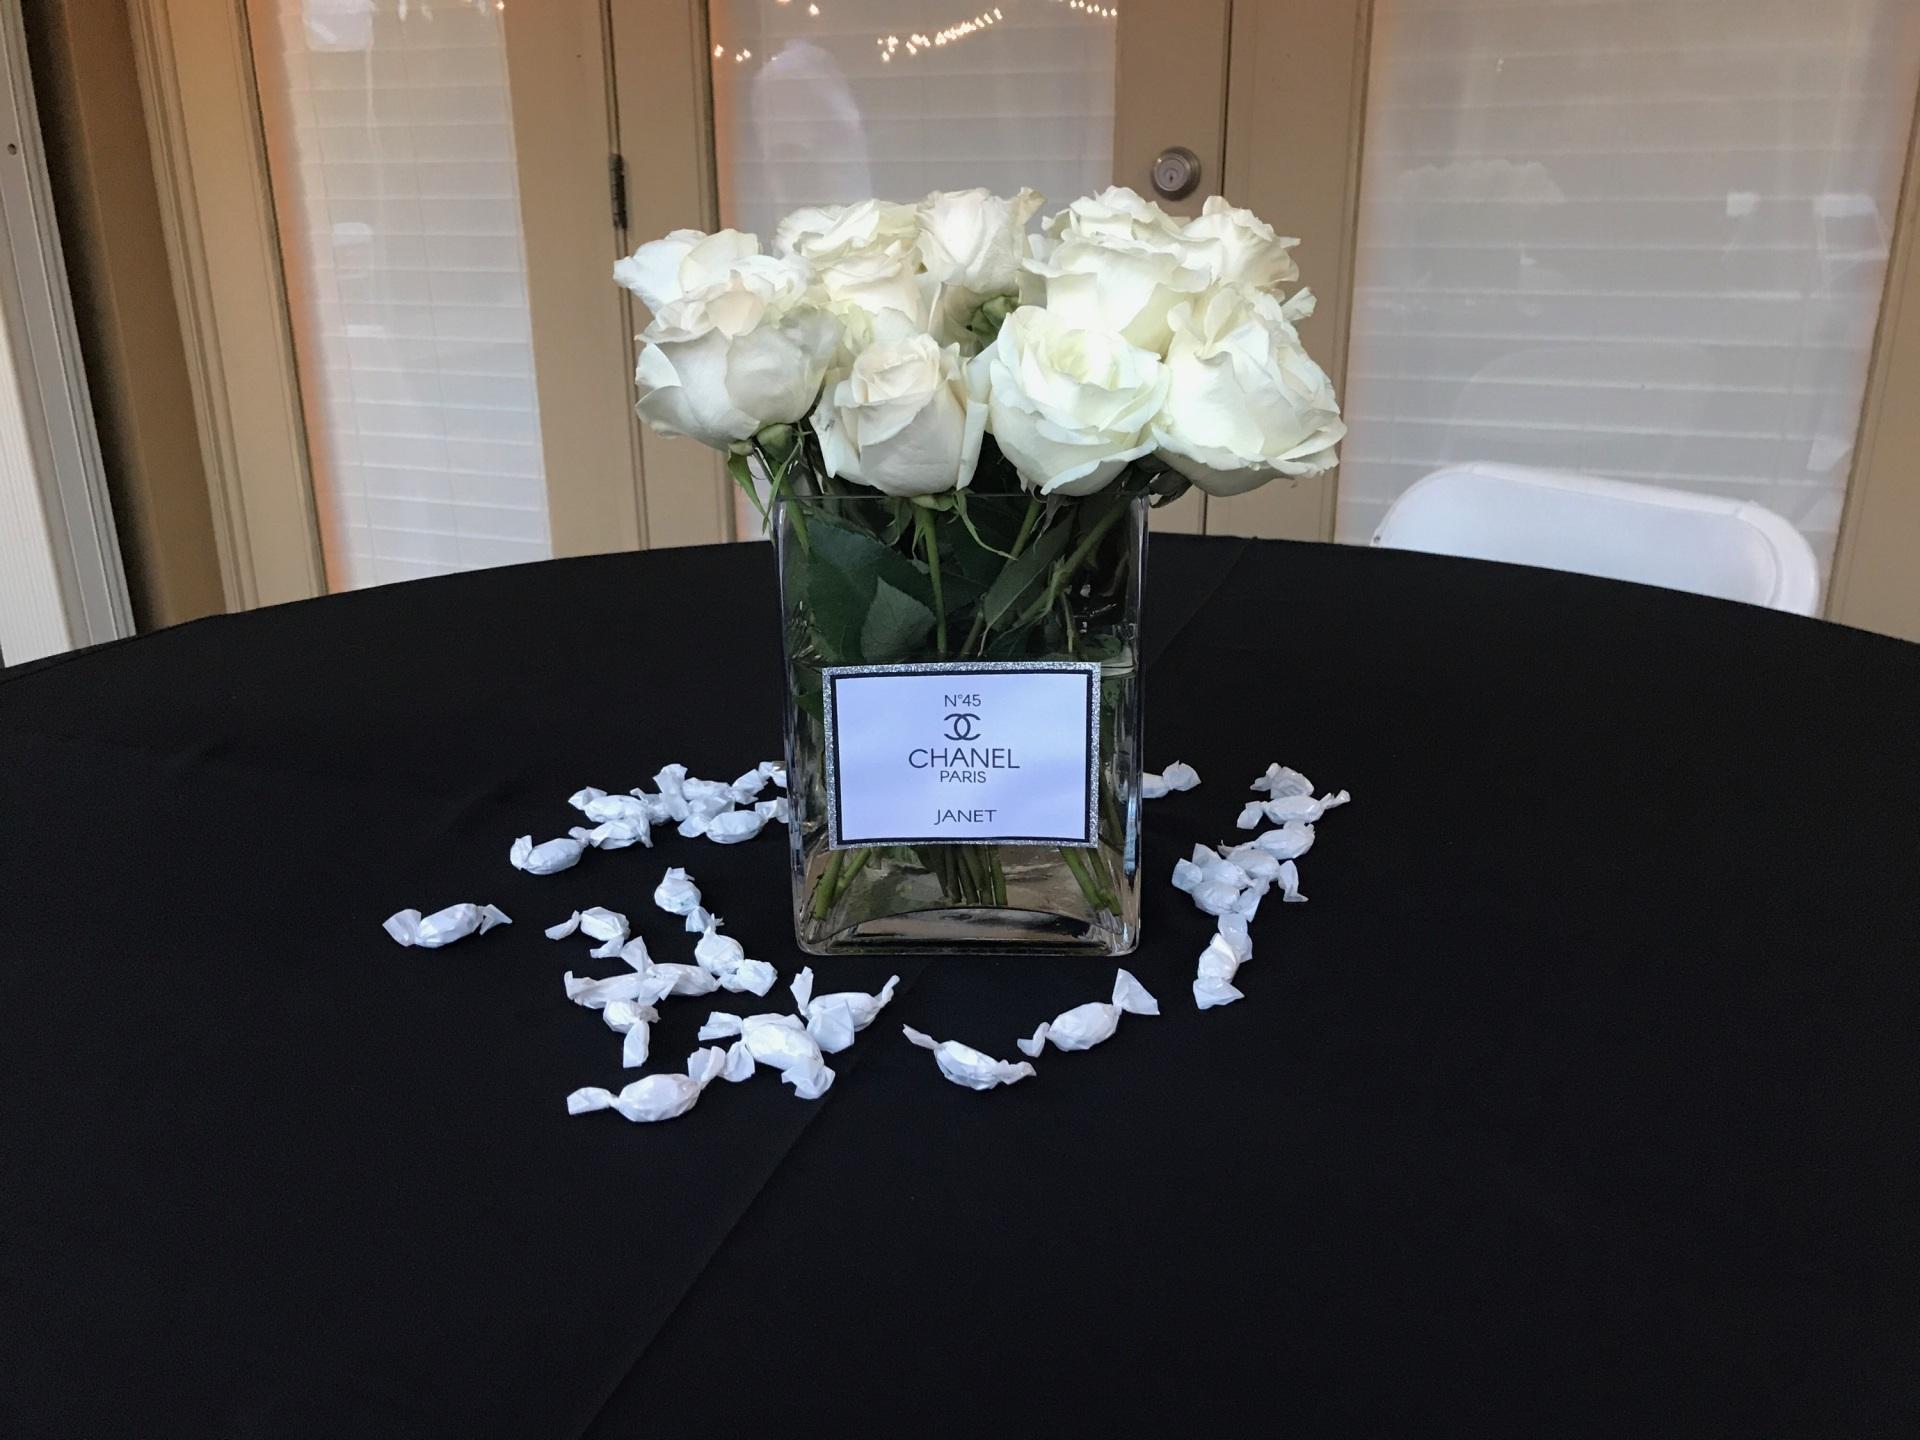 Vase Labels